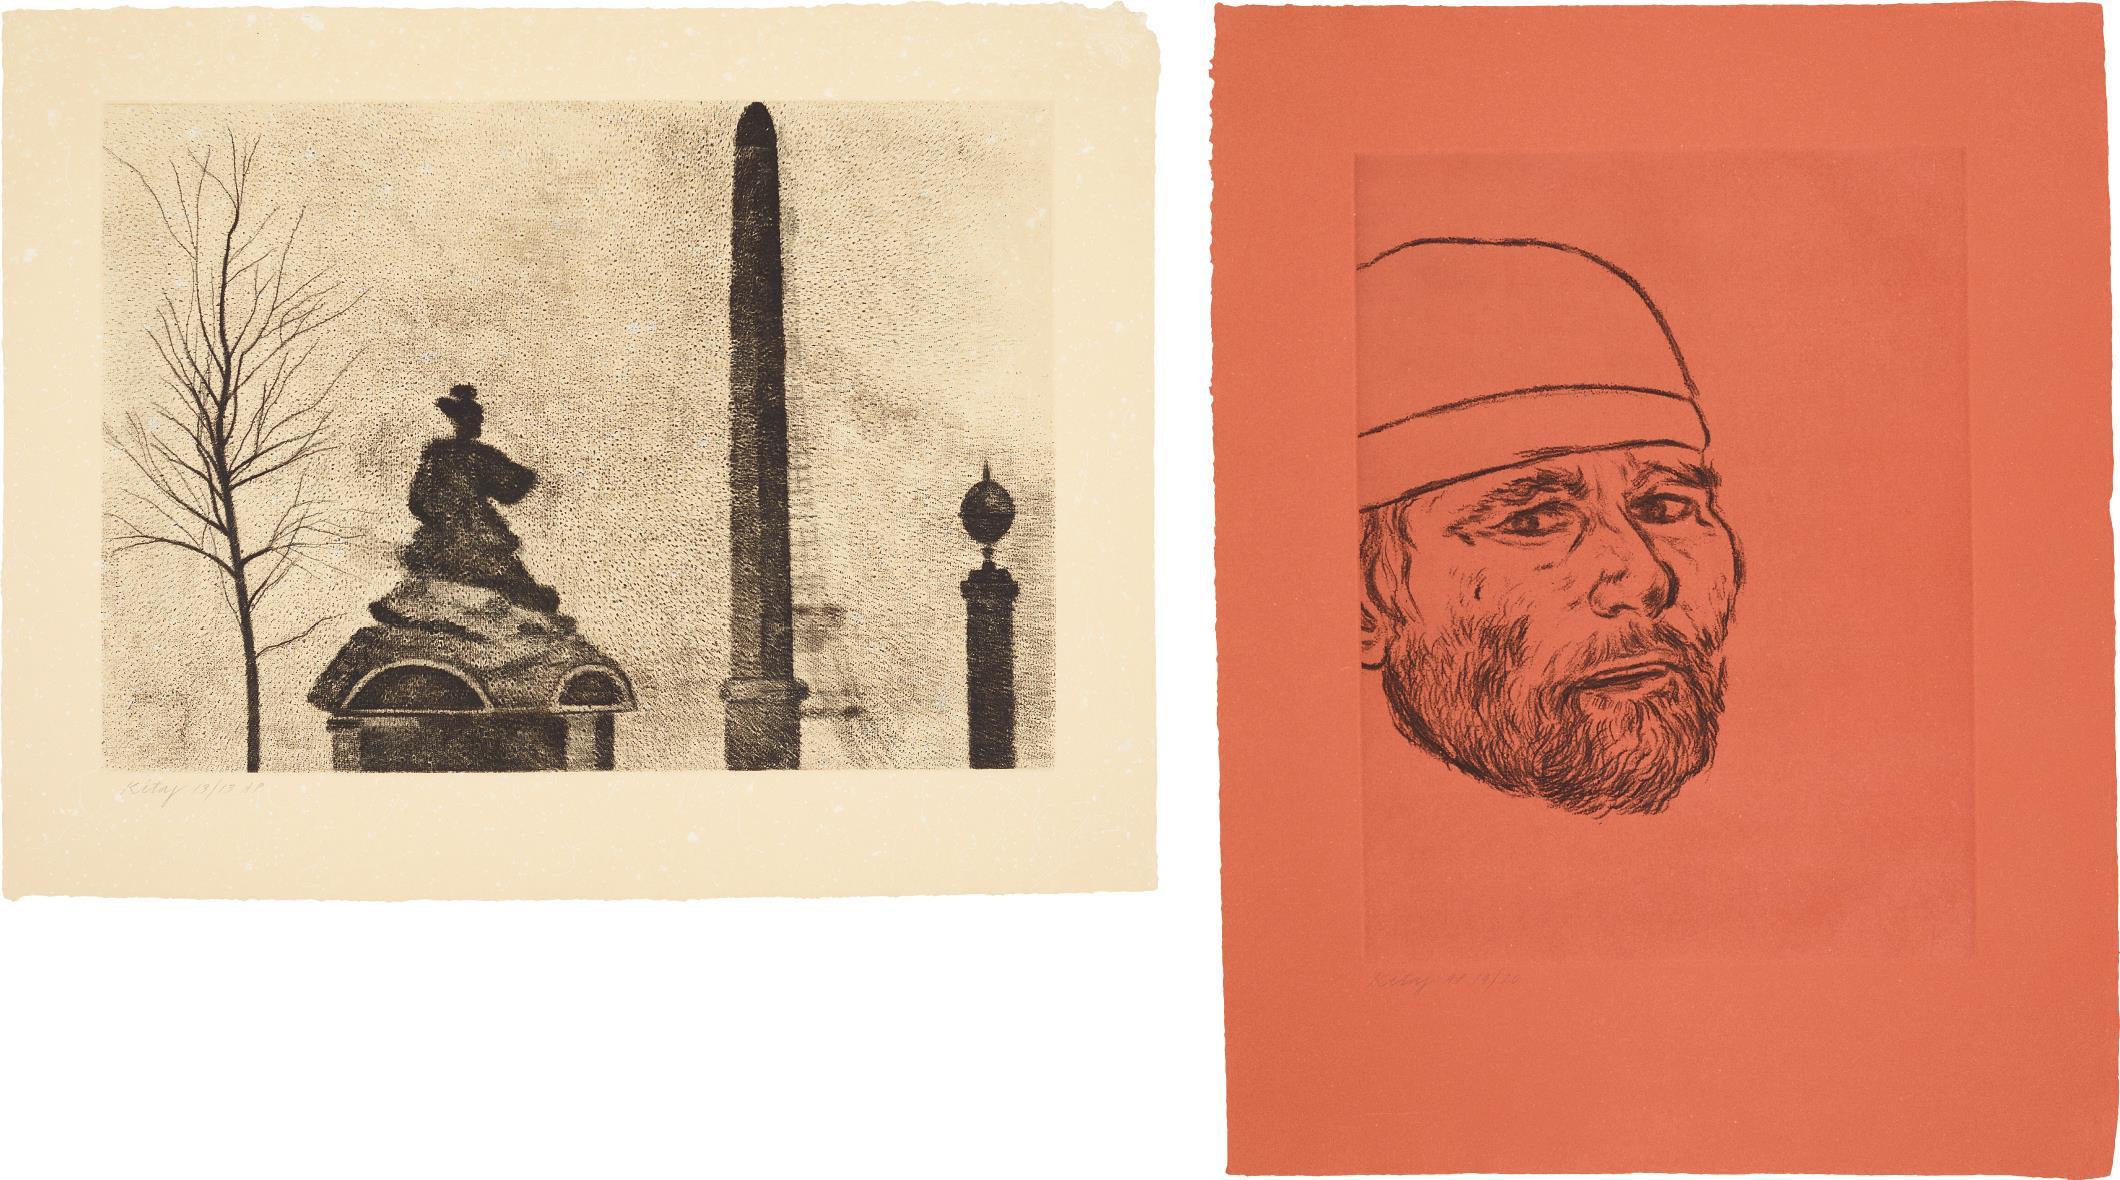 RB Kitaj-Place De La Concorde; And Self Portrait (After Matteo)-1982